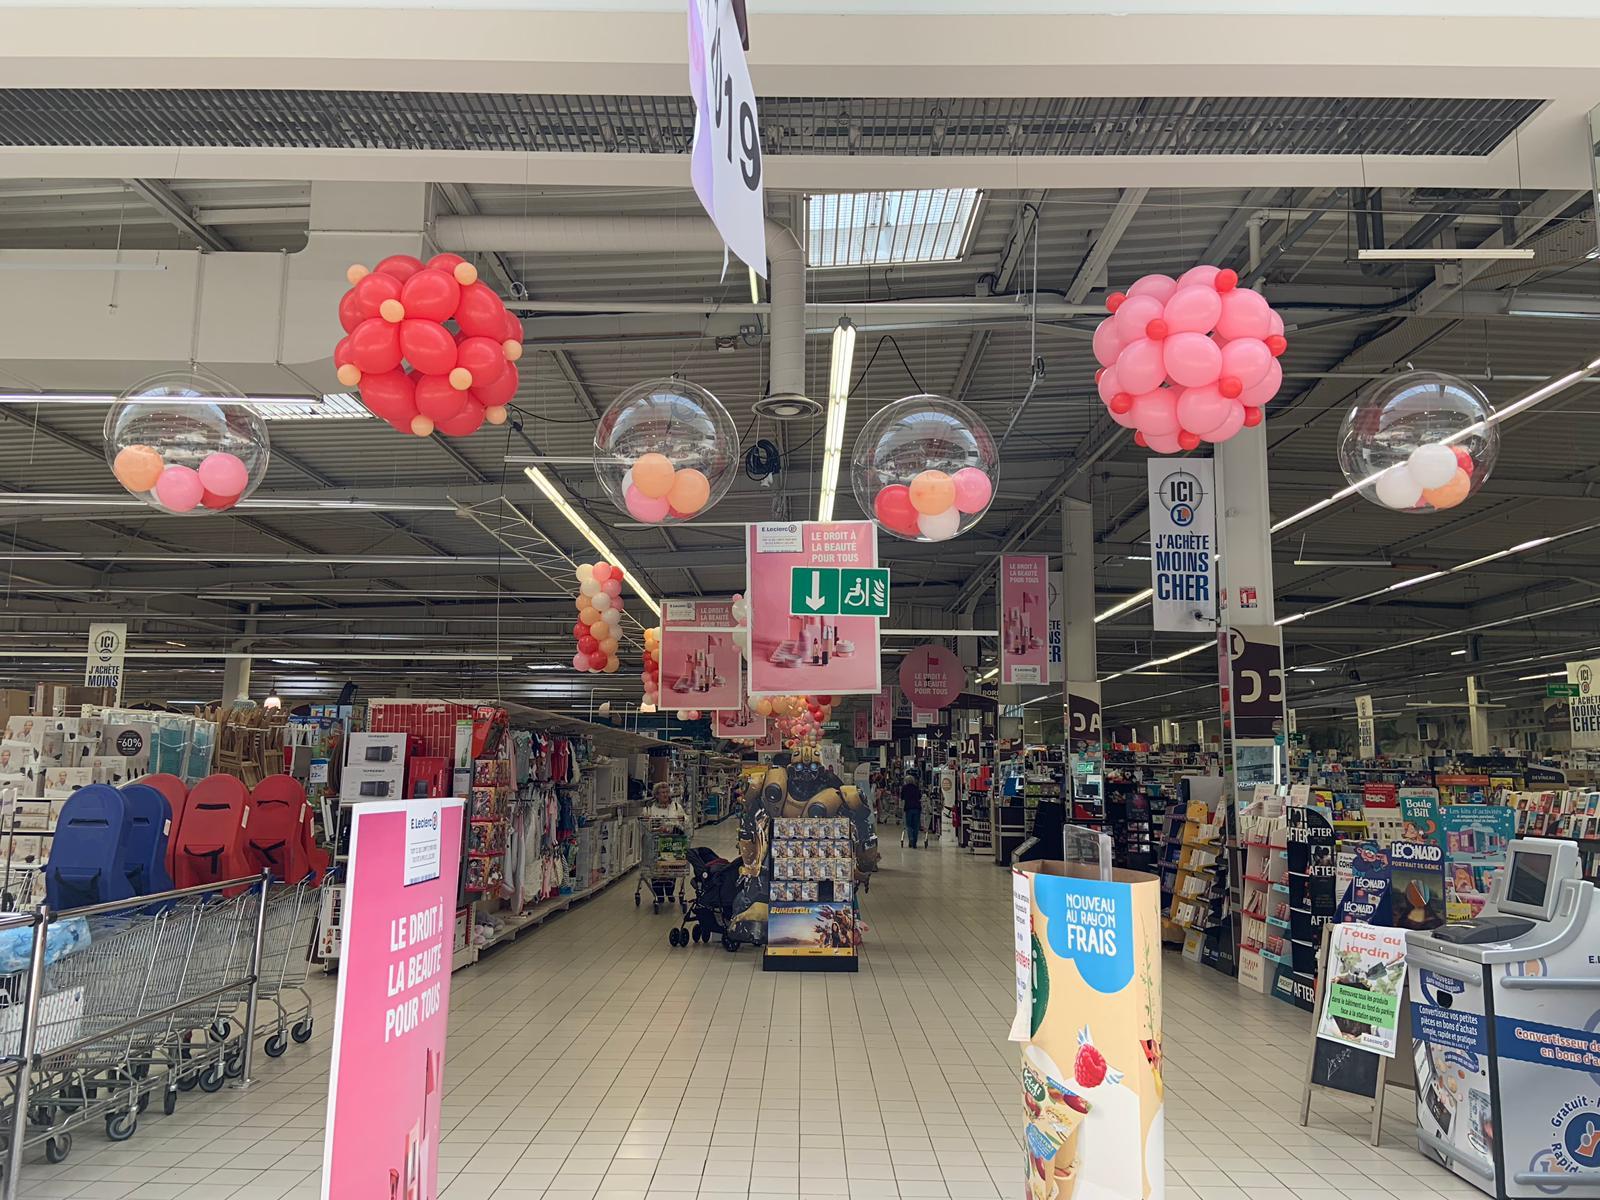 Décoration de ballons entrée magasin